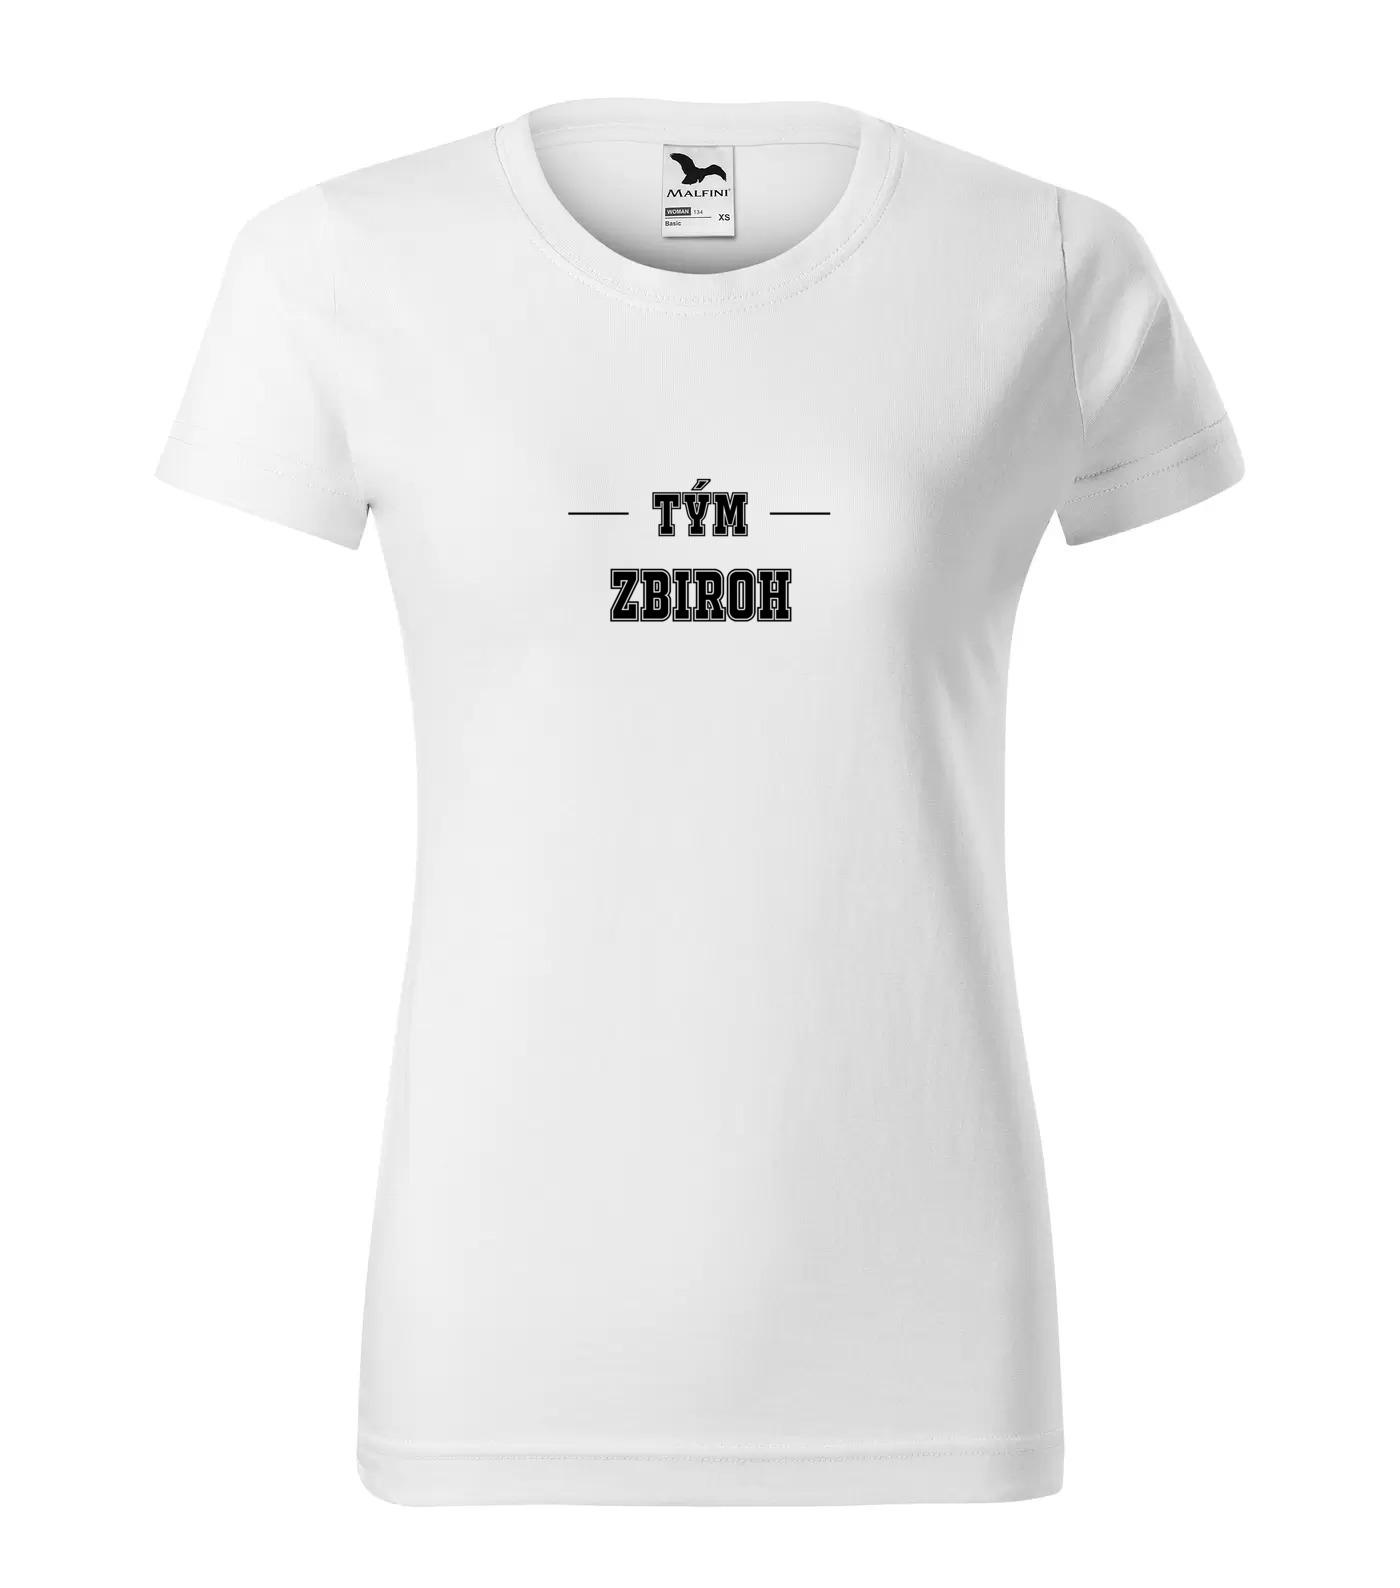 Tričko Tým Zbiroh